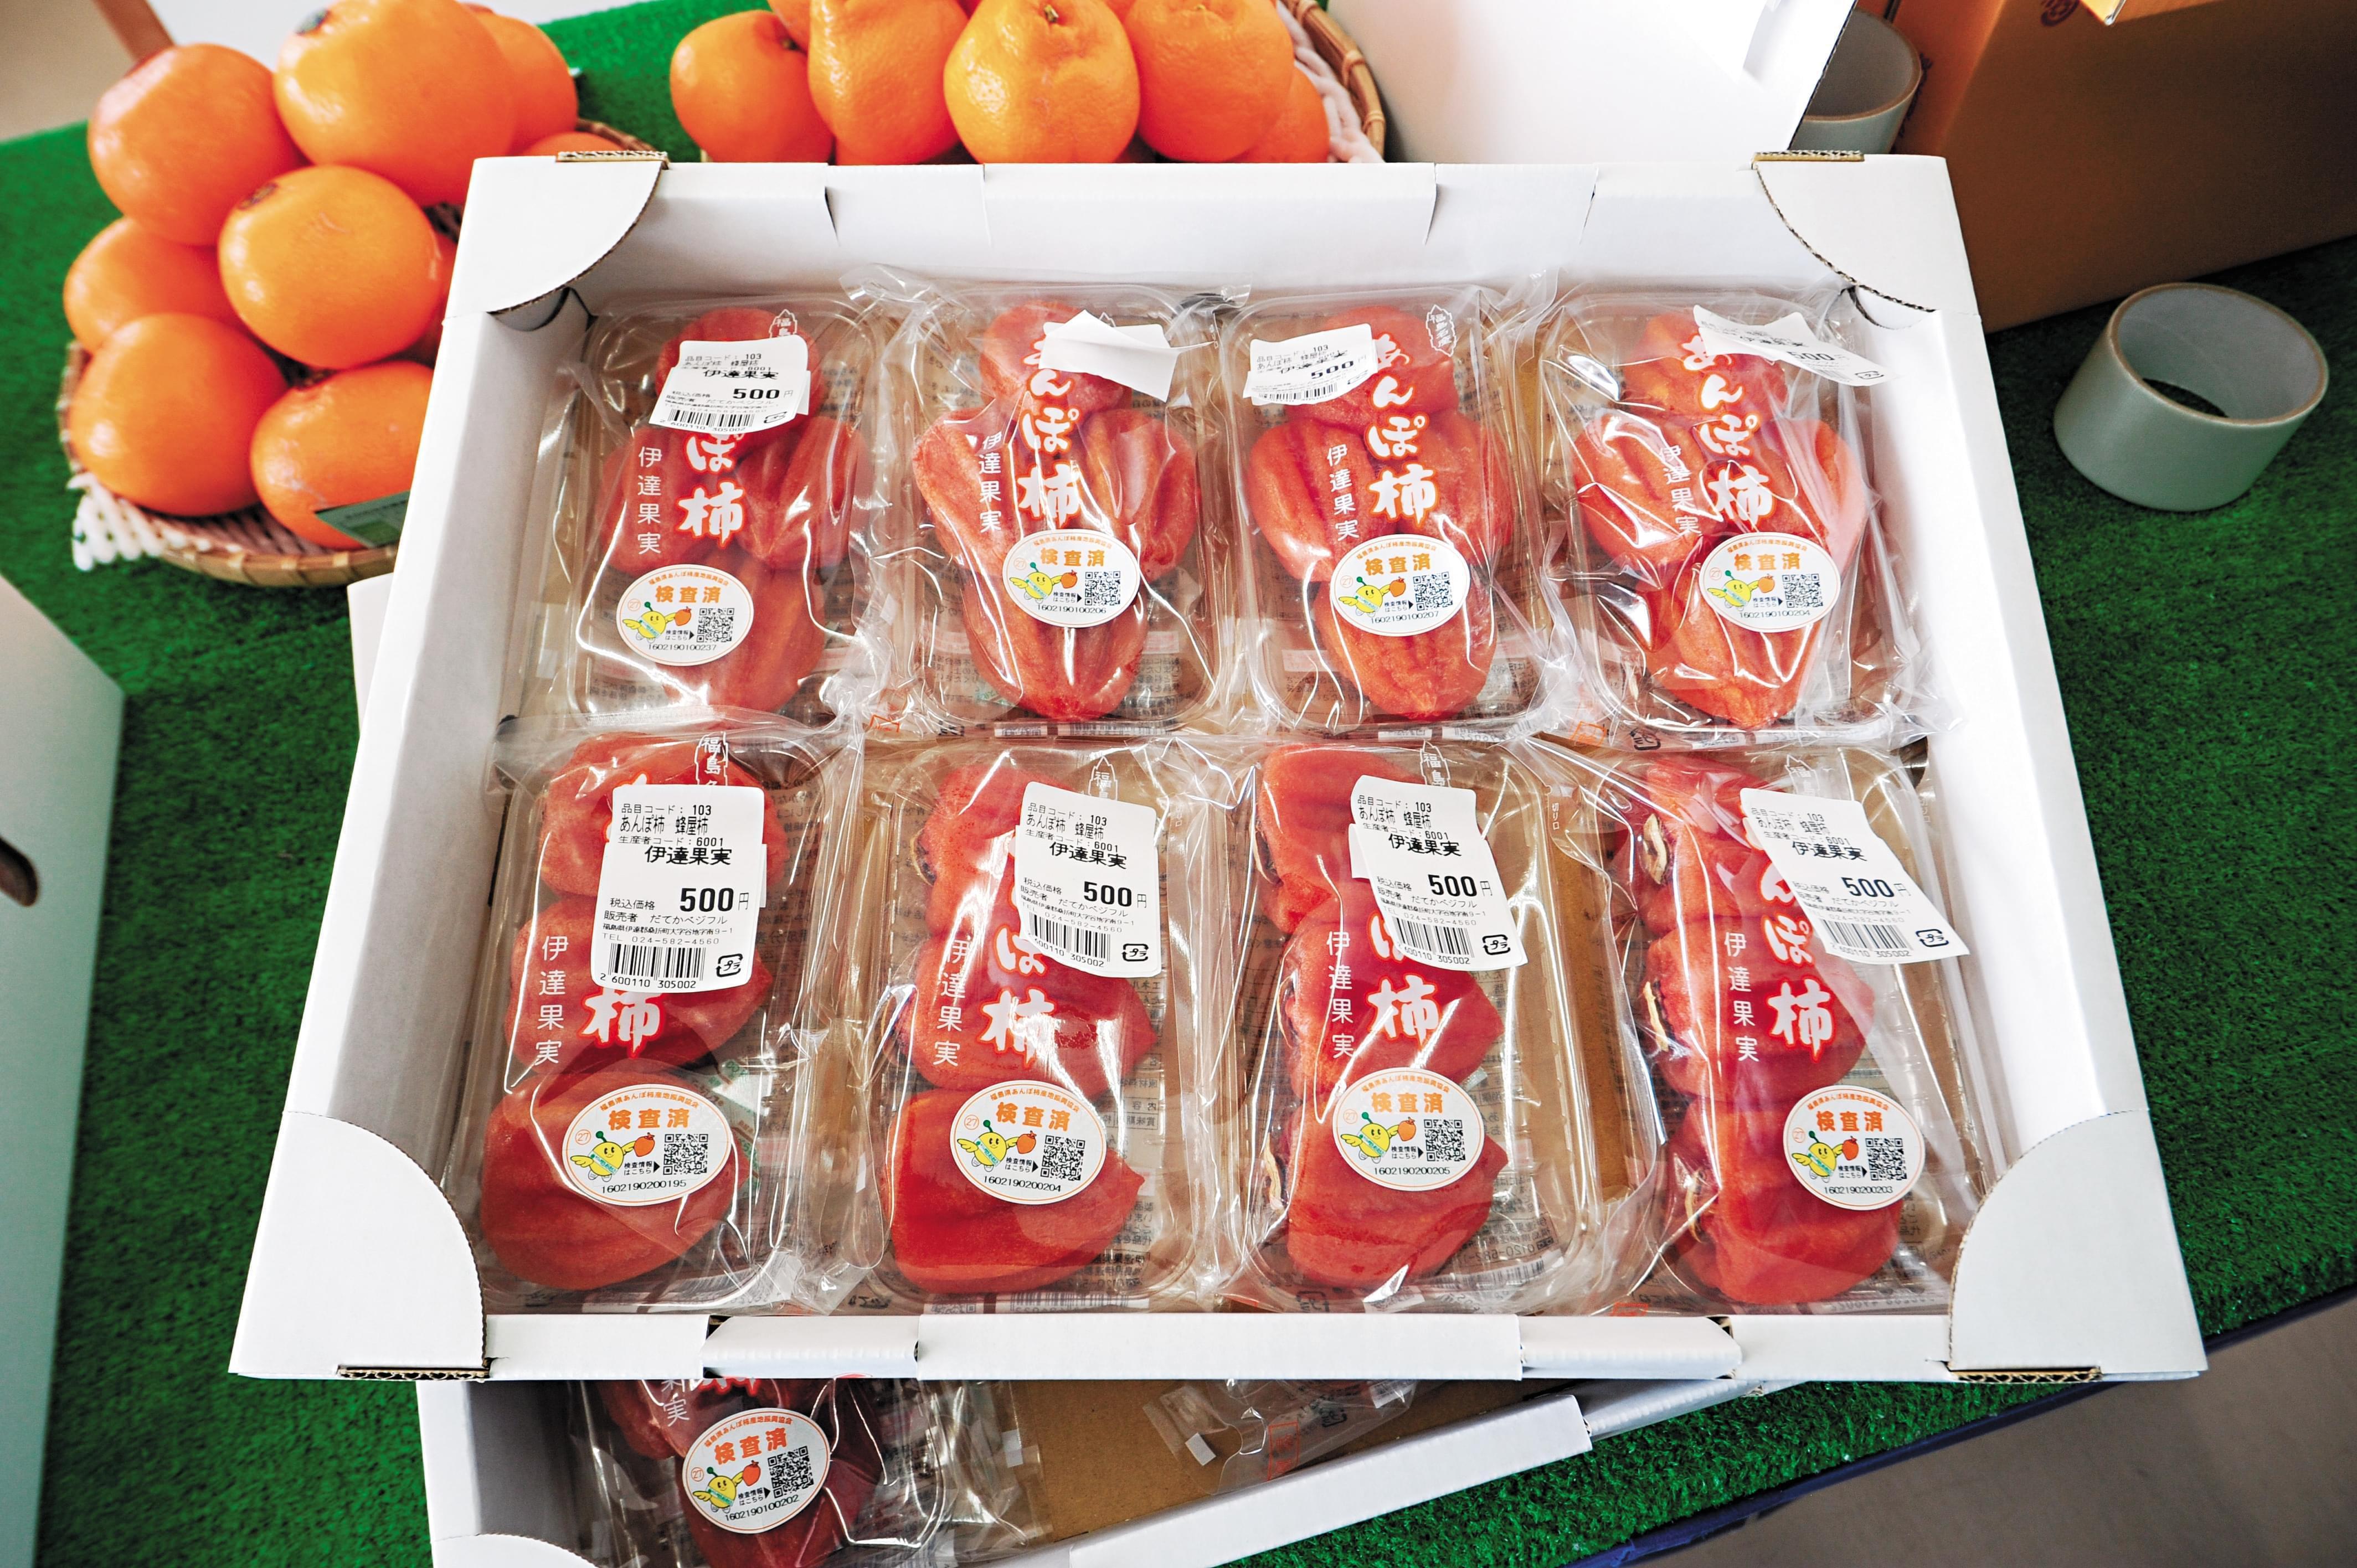 2016年3月,福岛县农业综合中心。检测合格的食物都有标签及QR Code。/视觉中国